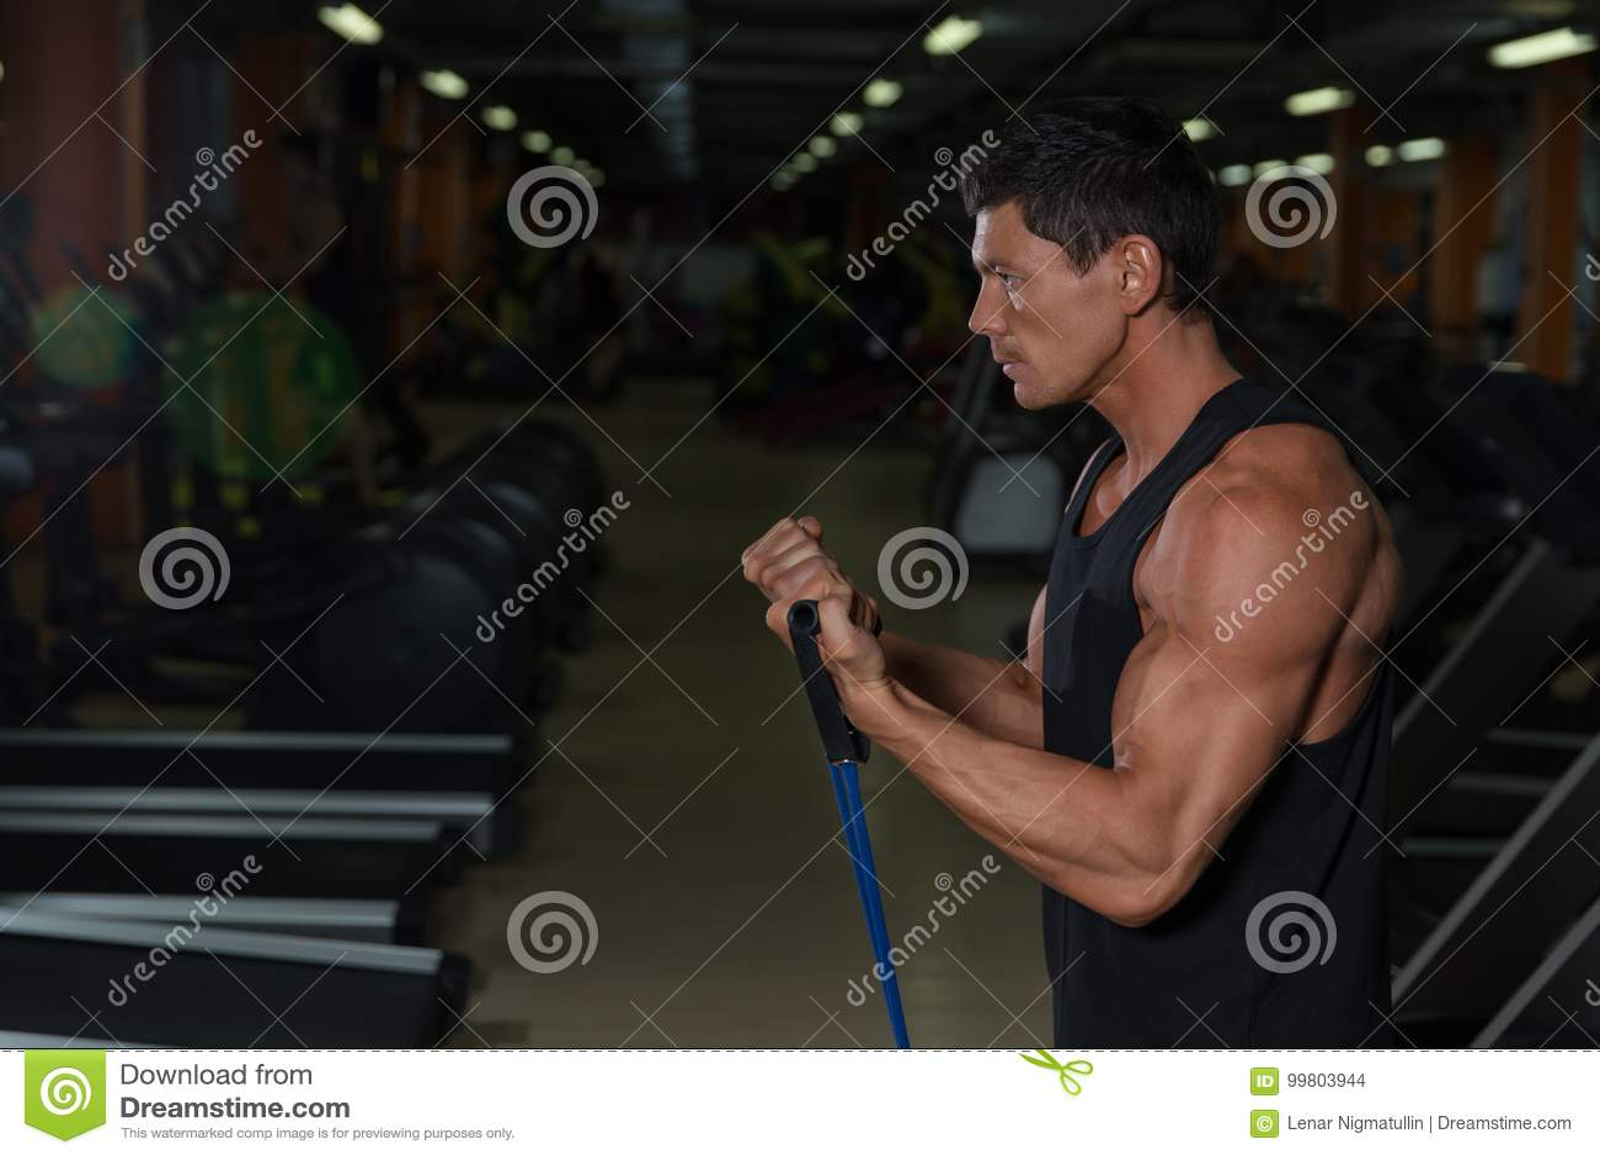 Entrenamiento muscular del atleta en club de fitness